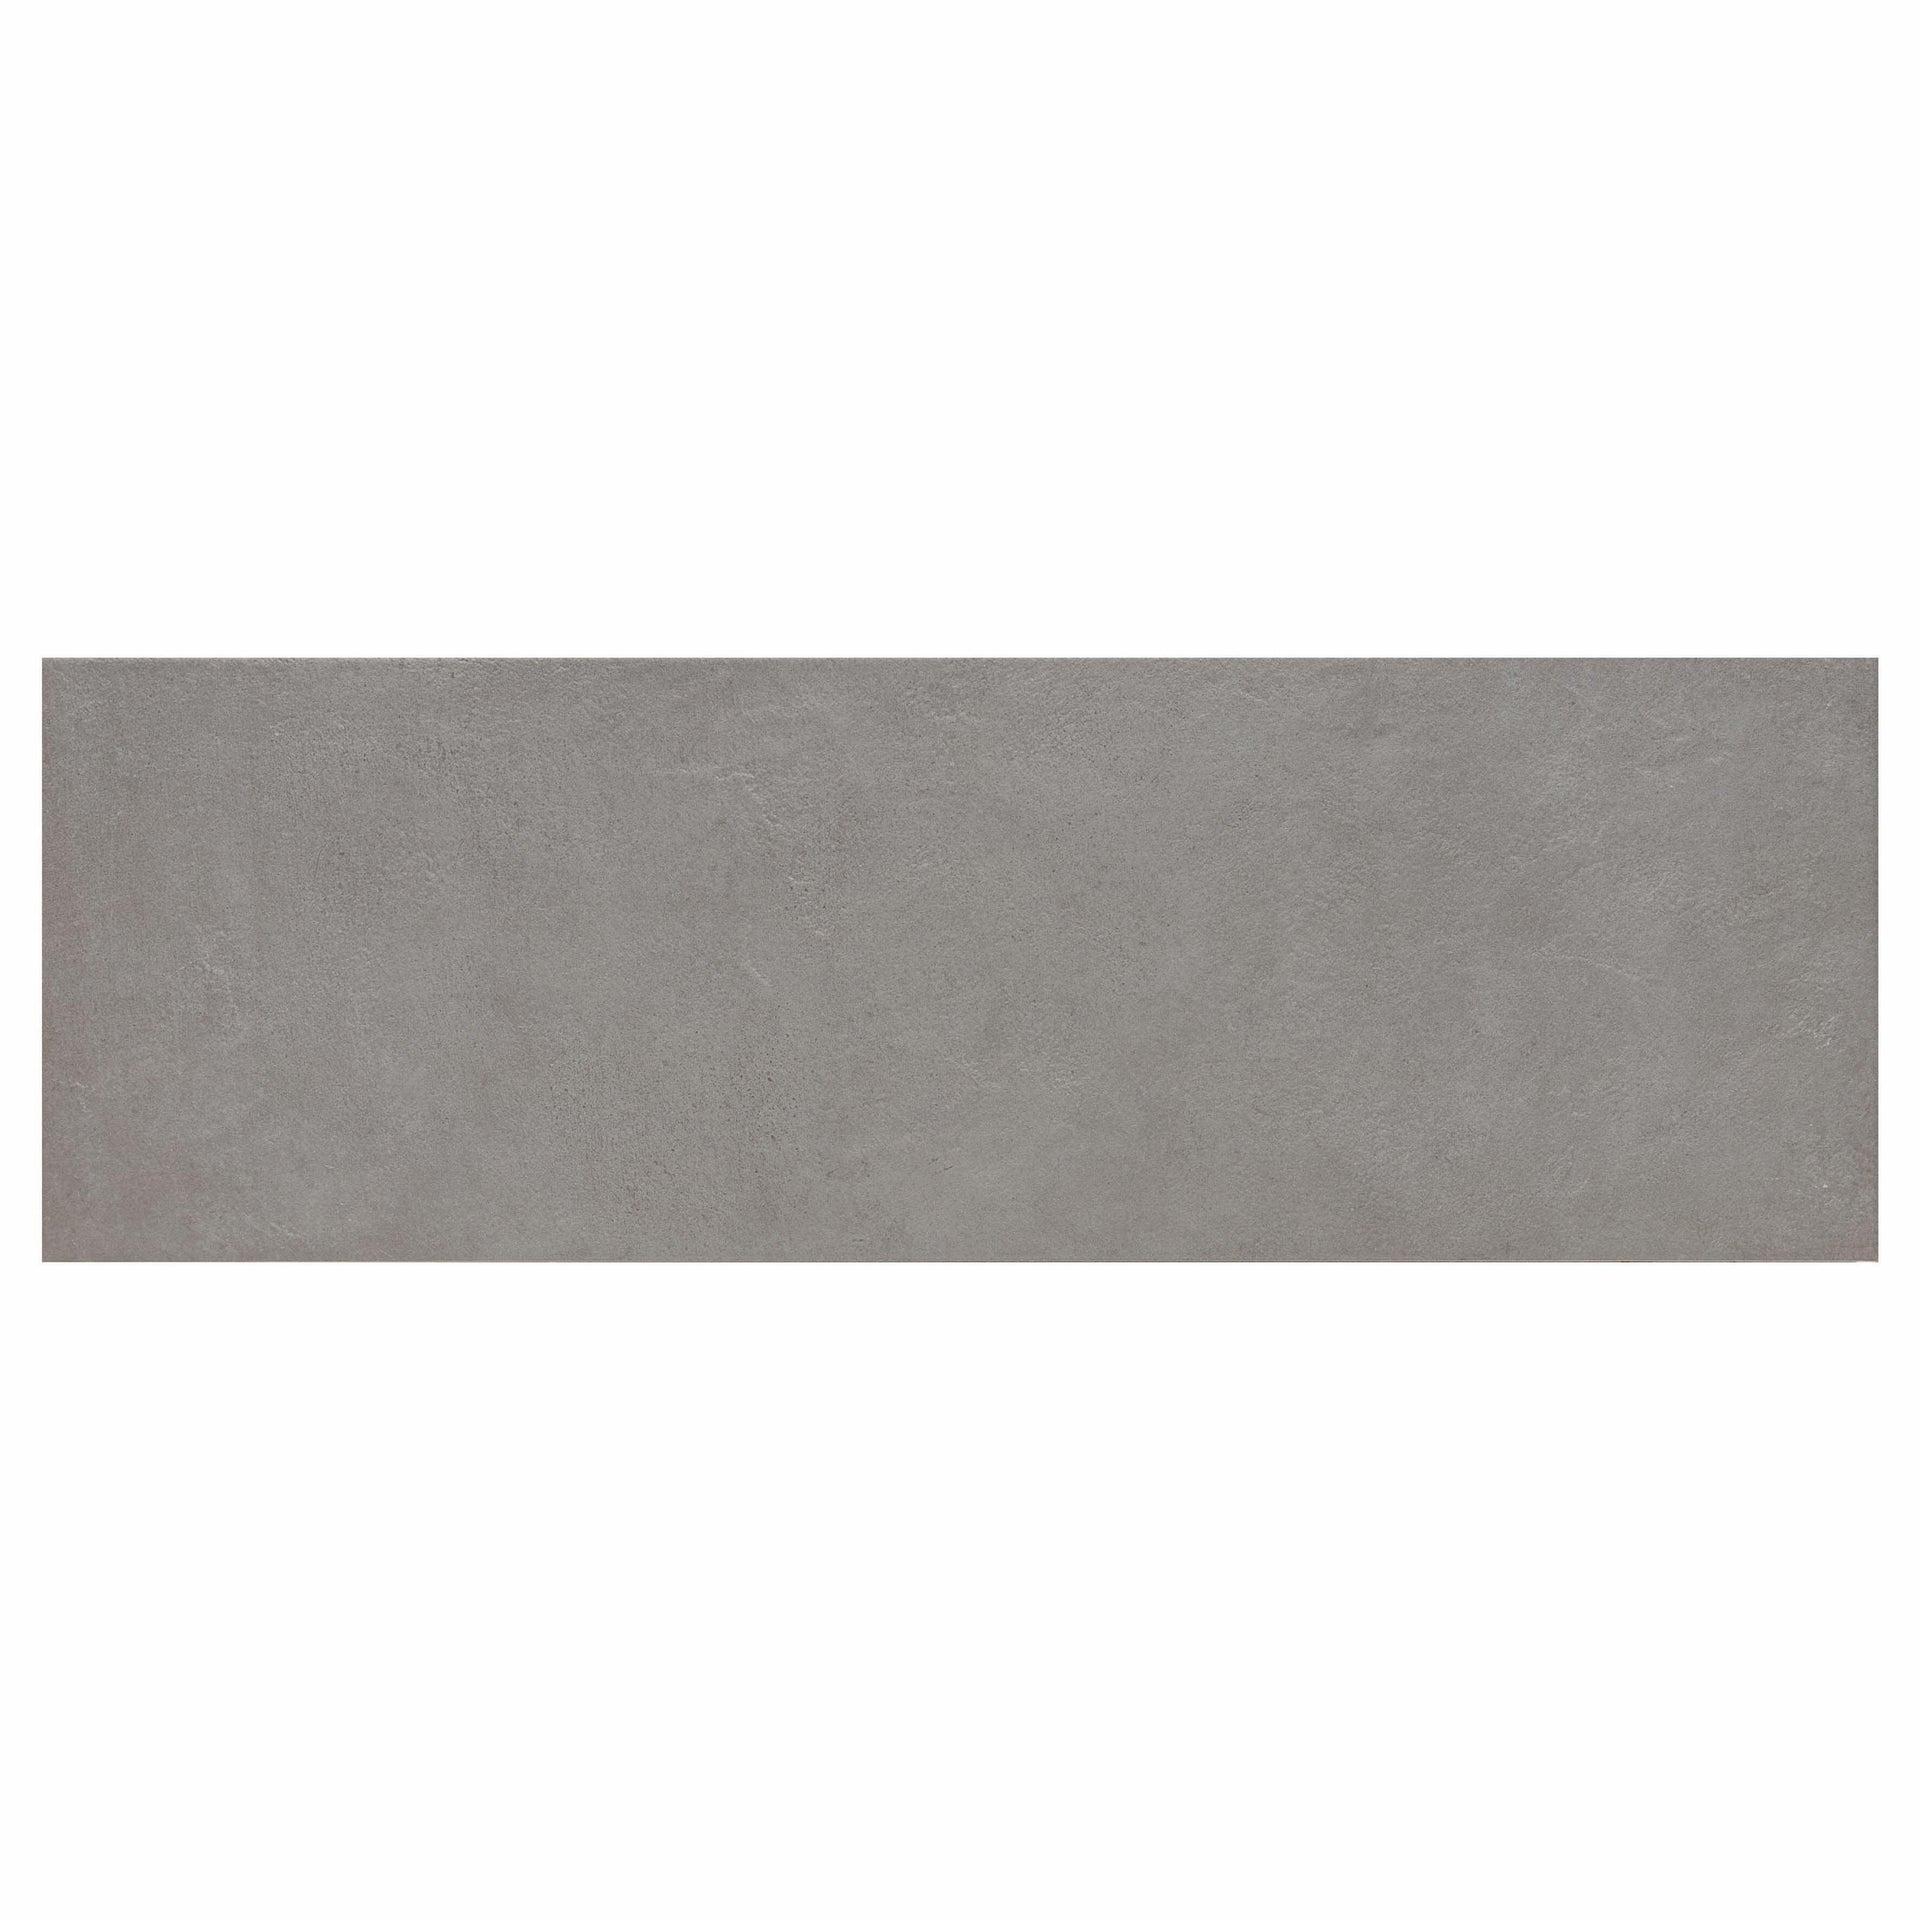 Piastrella per rivestimenti Atelier 25 x 76 cm sp. 10 mm antracite - 1